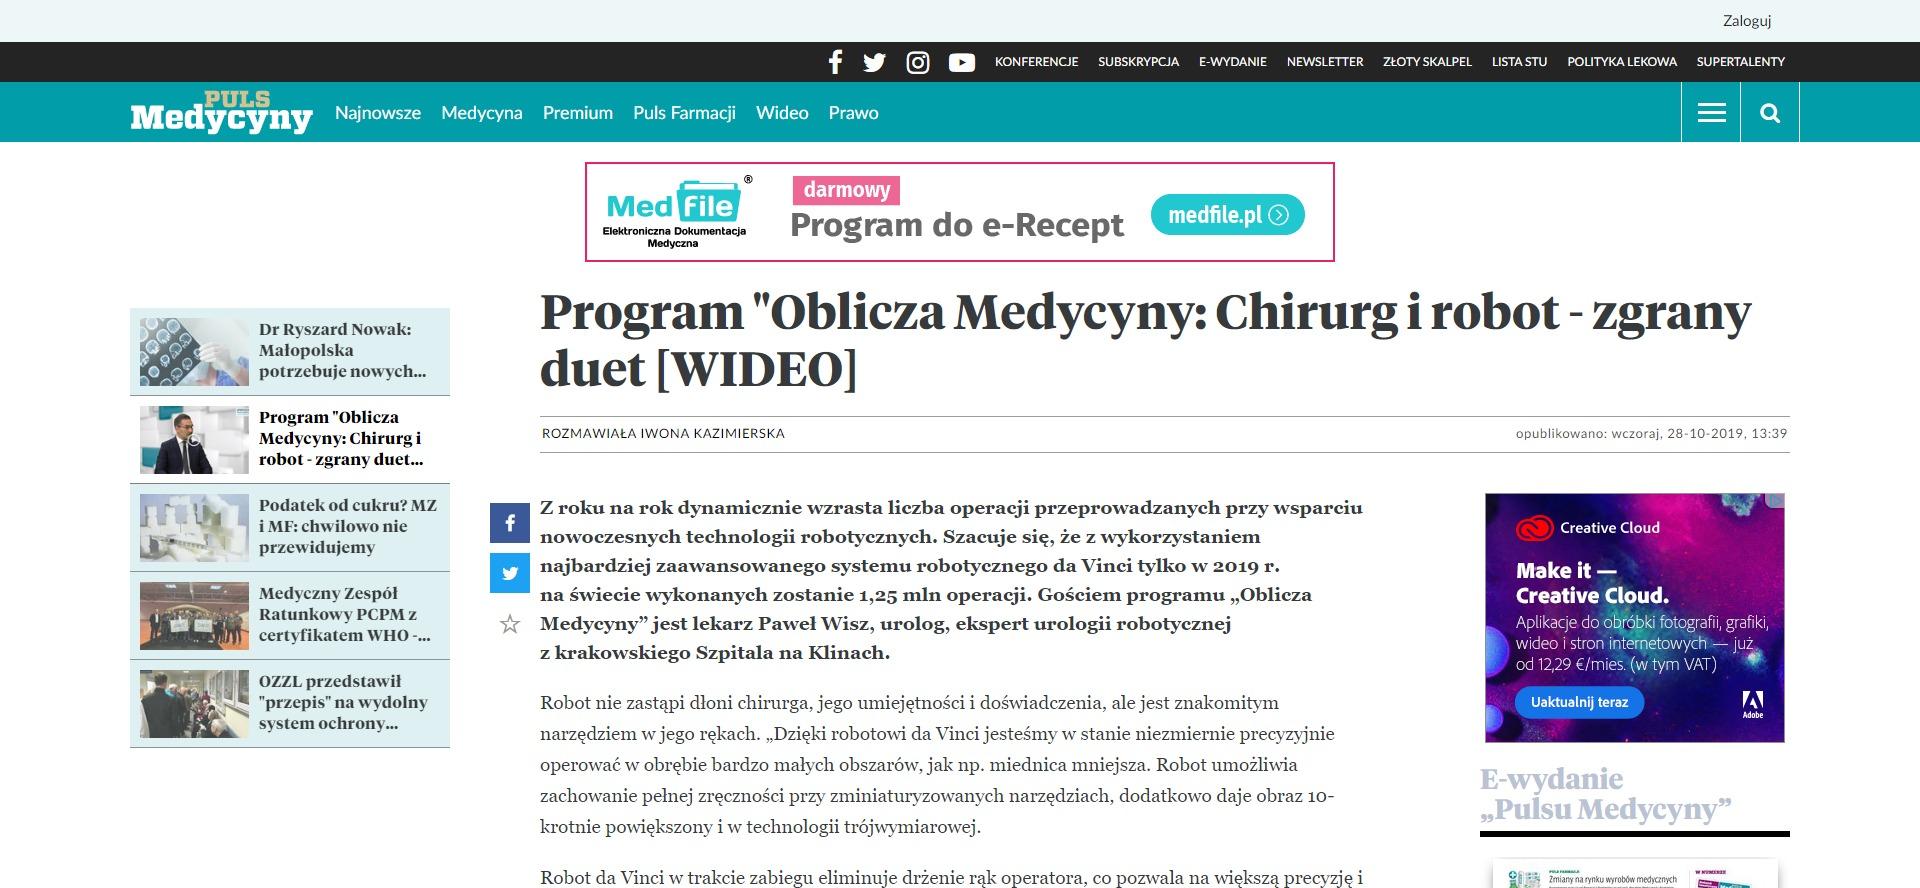 Program Oblicza Medycyny_ Chirurg i robot - zgrany duet